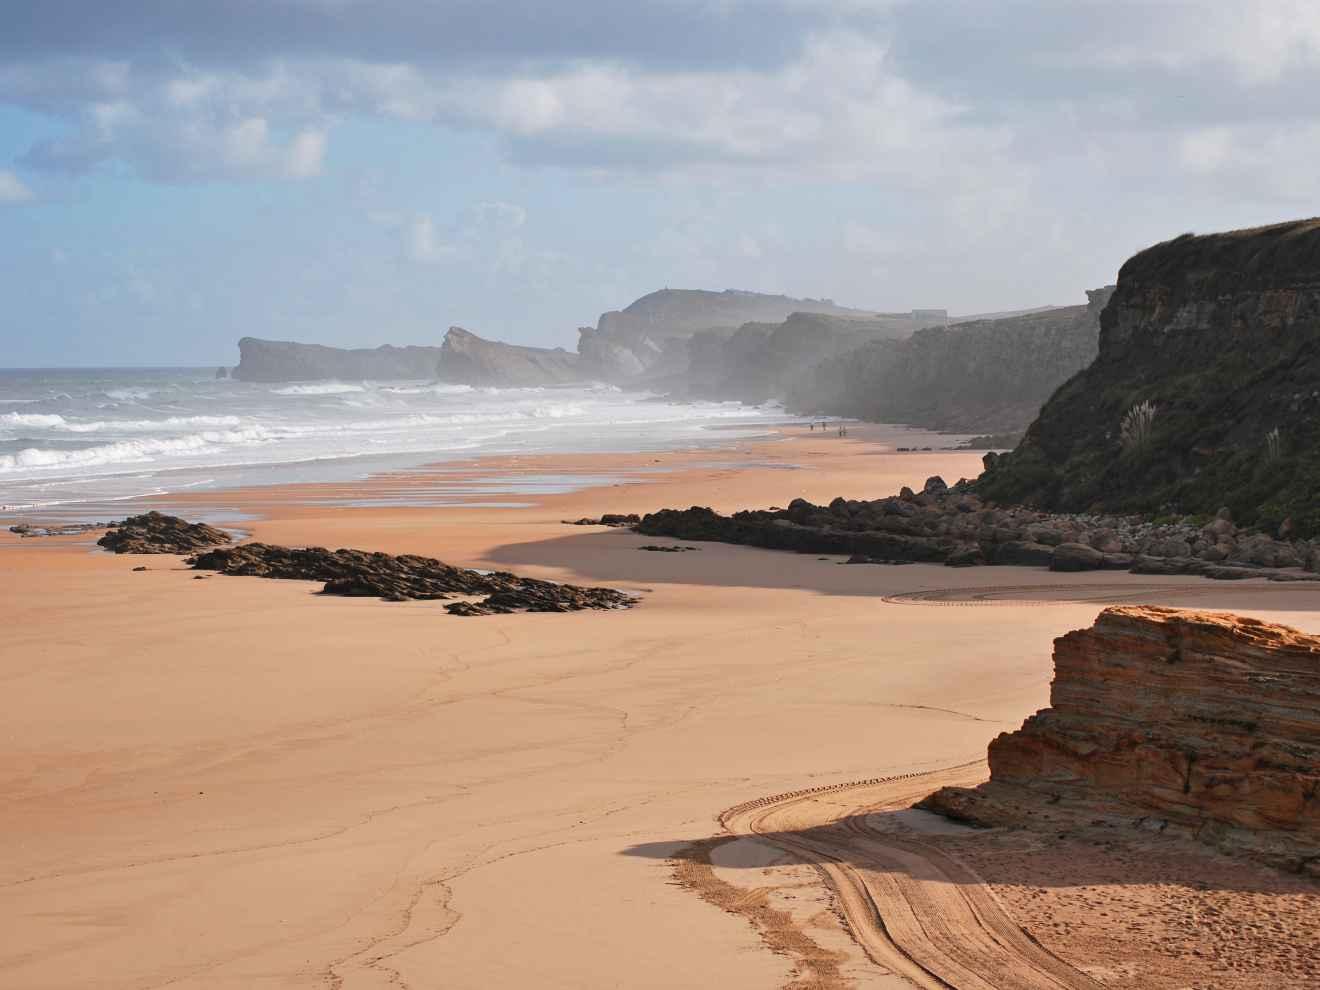 Playa Canallave, de Liencres